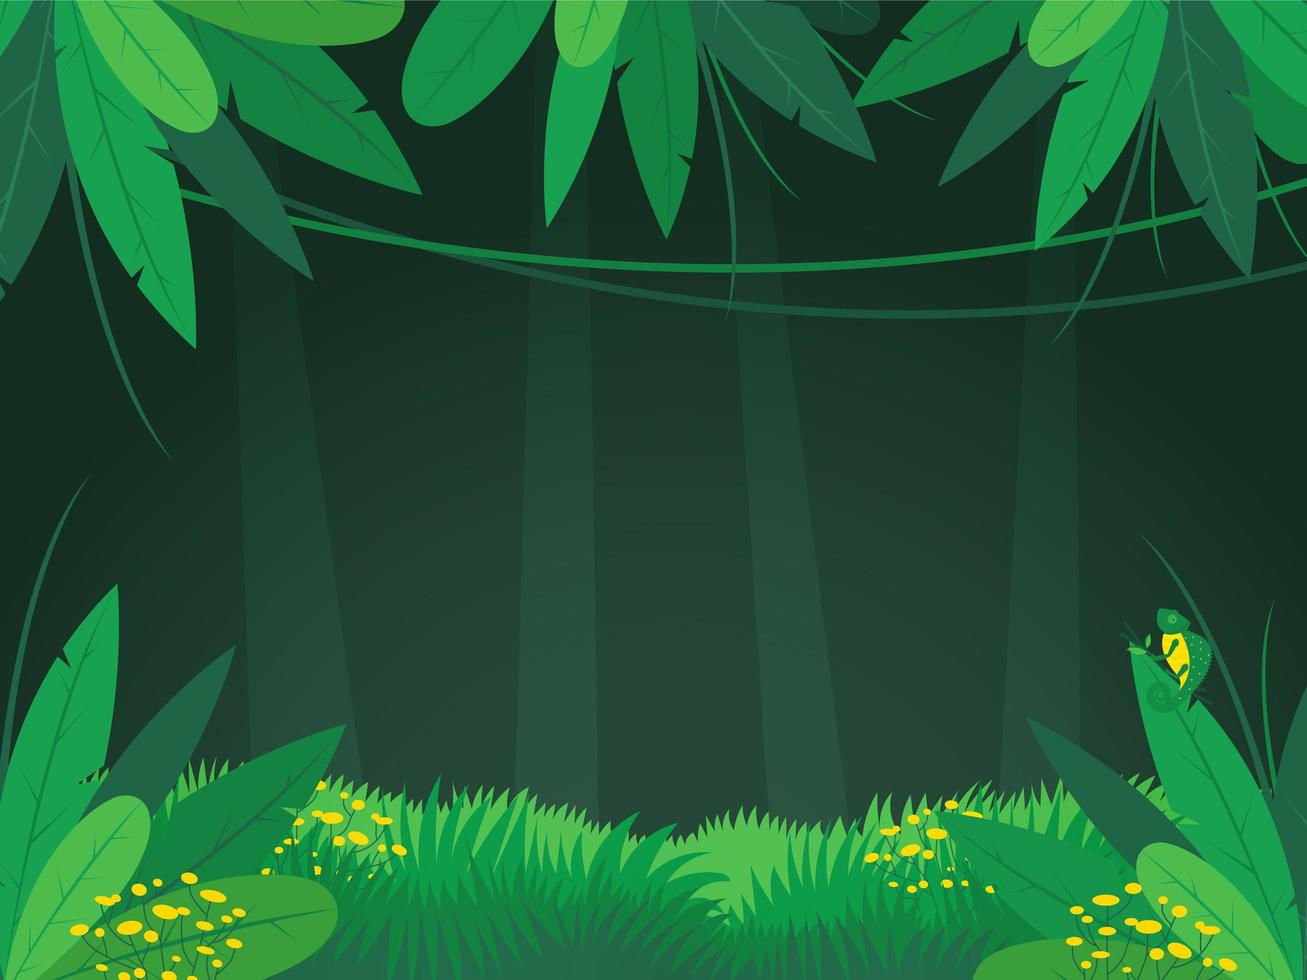 tropisch regenwoud jungle achtergrond vector